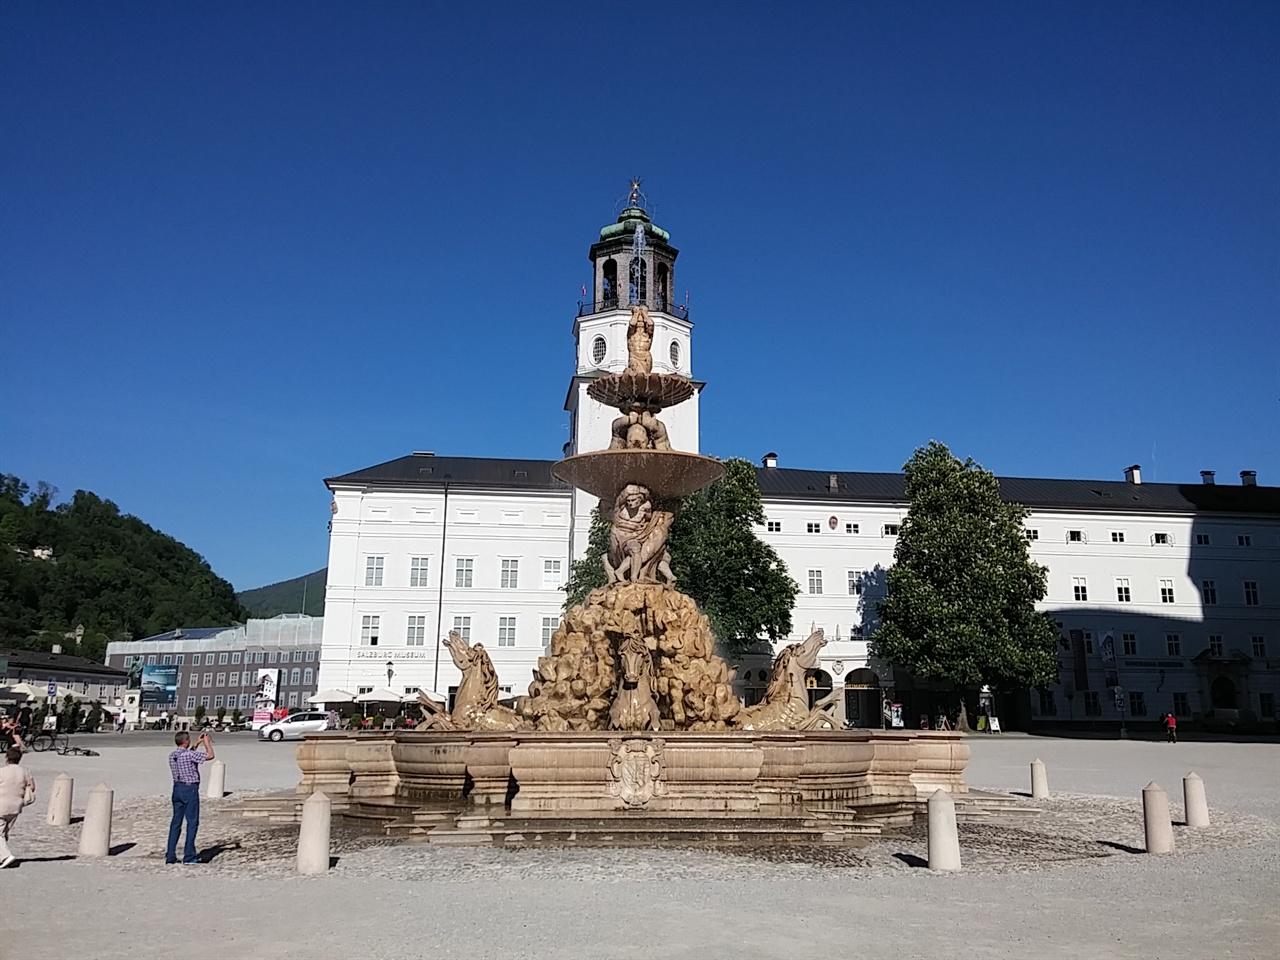 레지덴츠 광장(Residenz Platz)